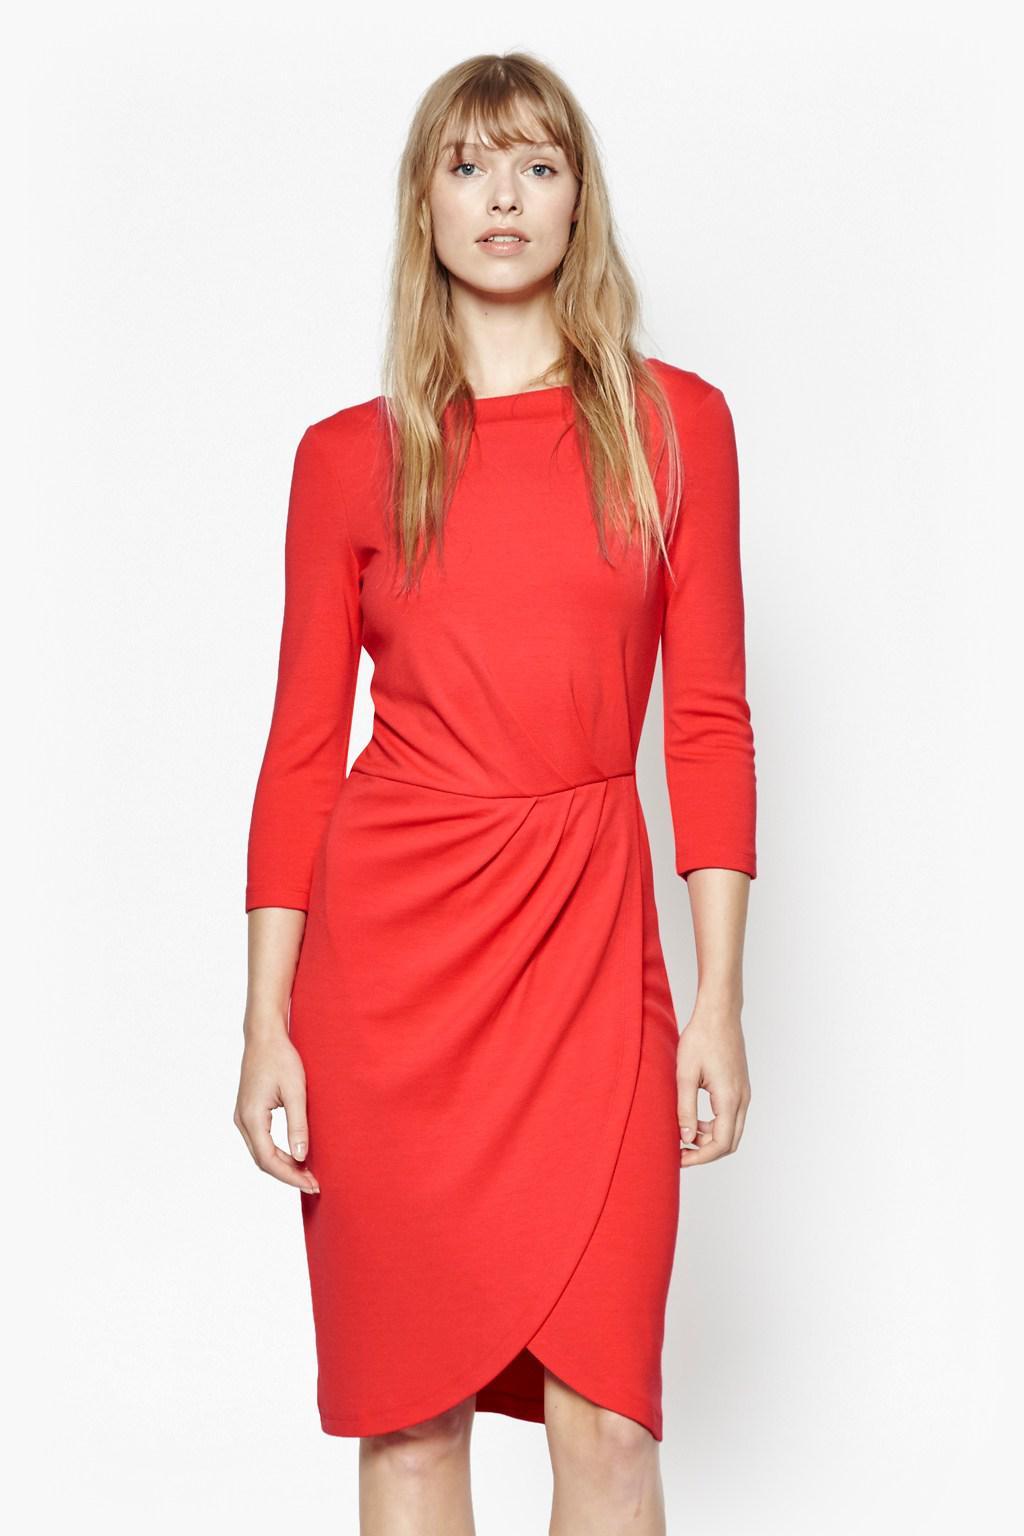 Платье для женщины 40 лет с драпировкой